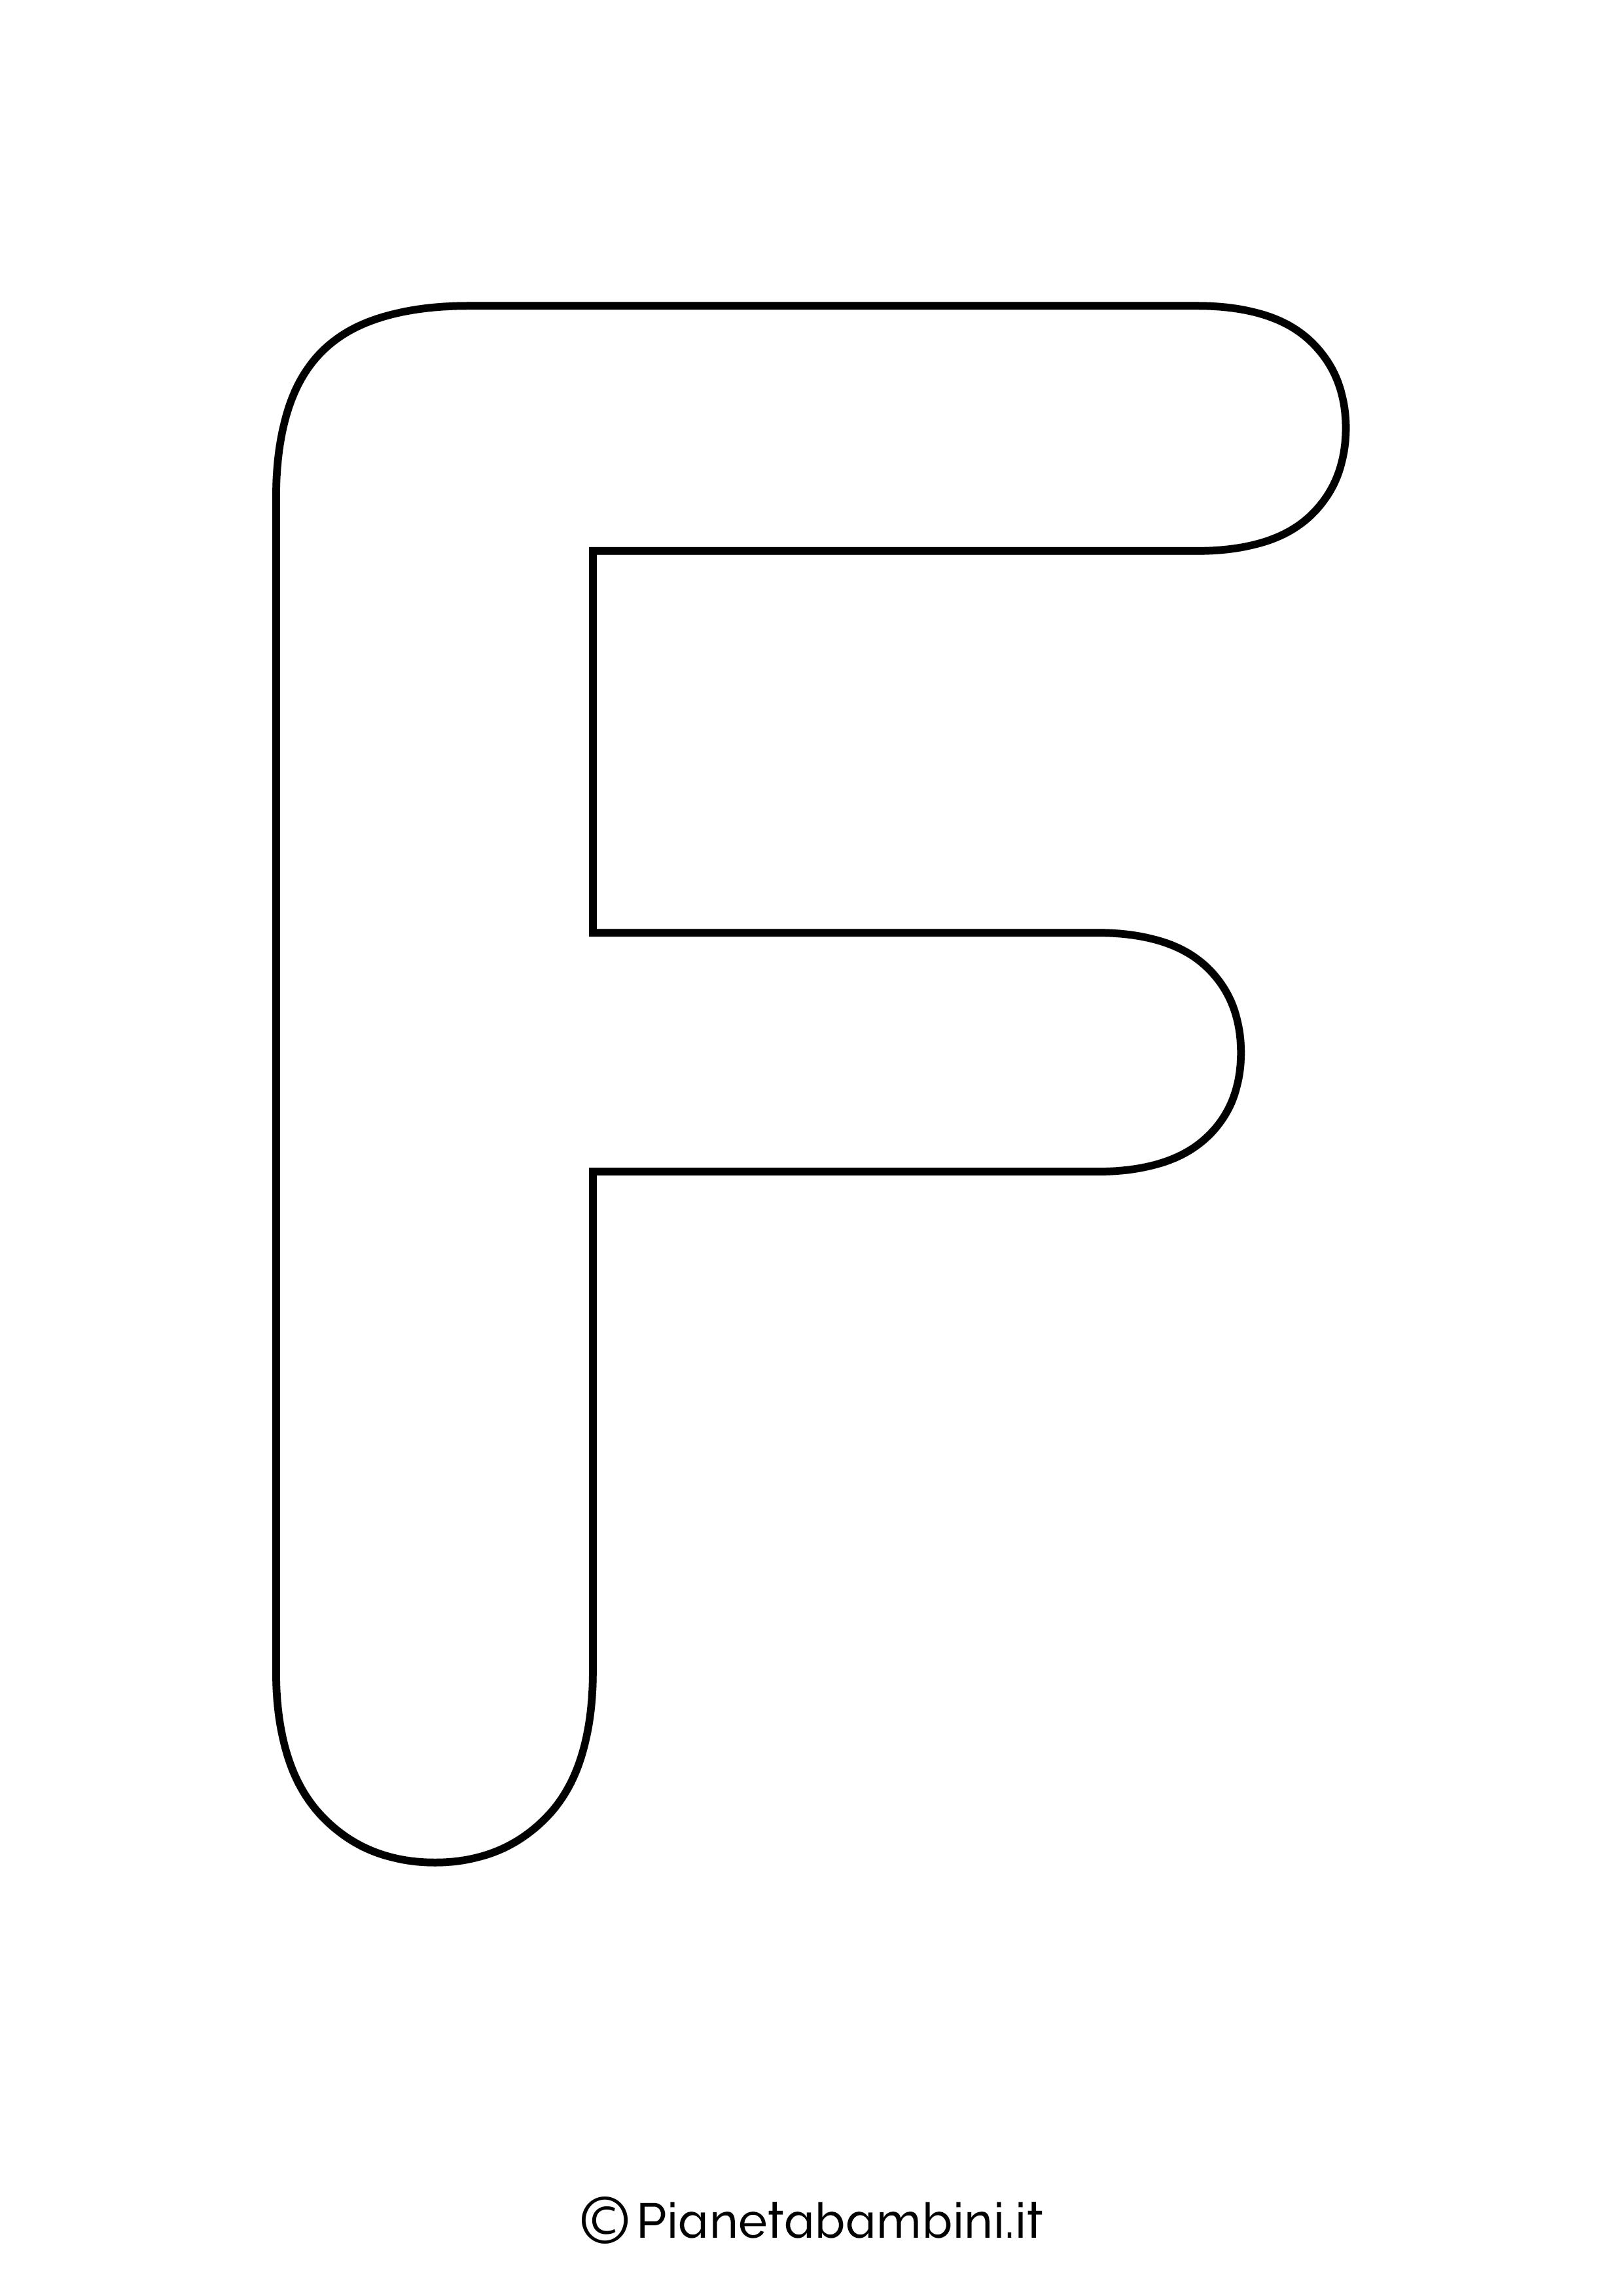 Lettera F maiuscola da stampare